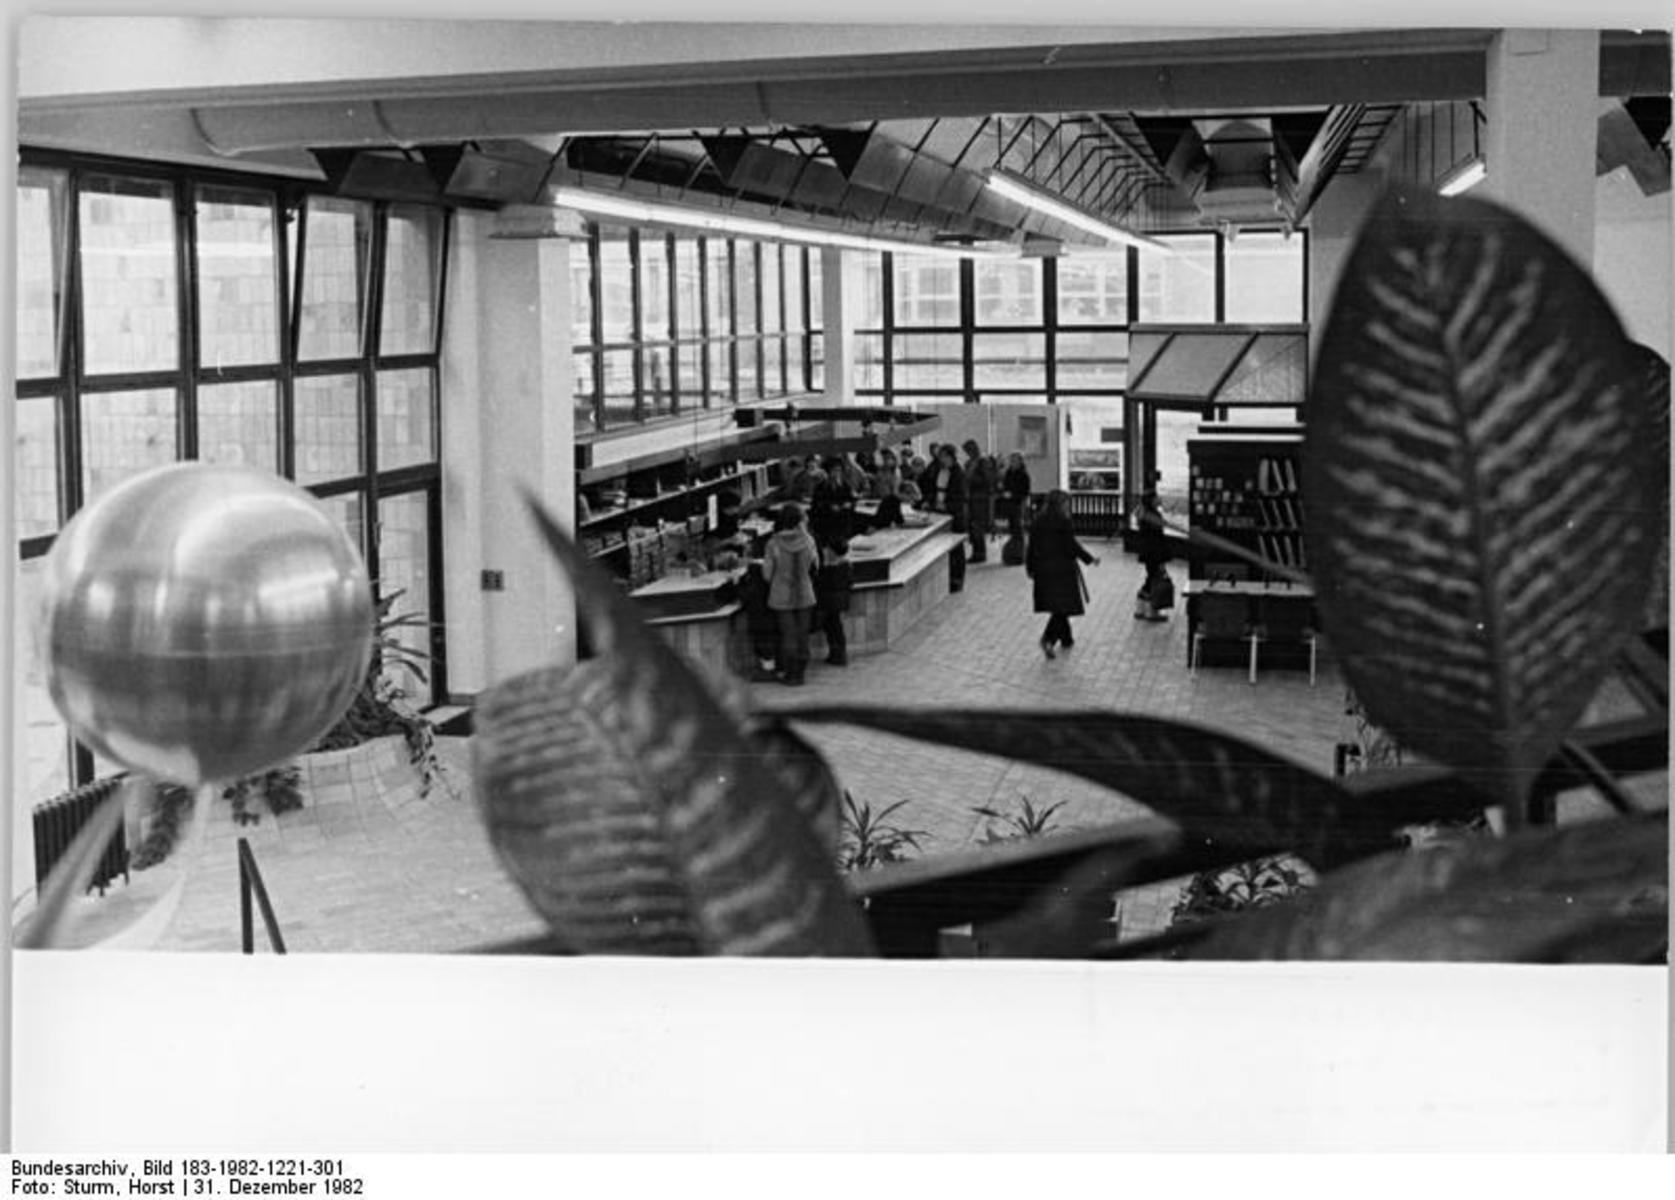 Bundesarchiv_Bild_183-1982-1221-301,_Berlin,_Marzahn,_Bibliothek.jpg